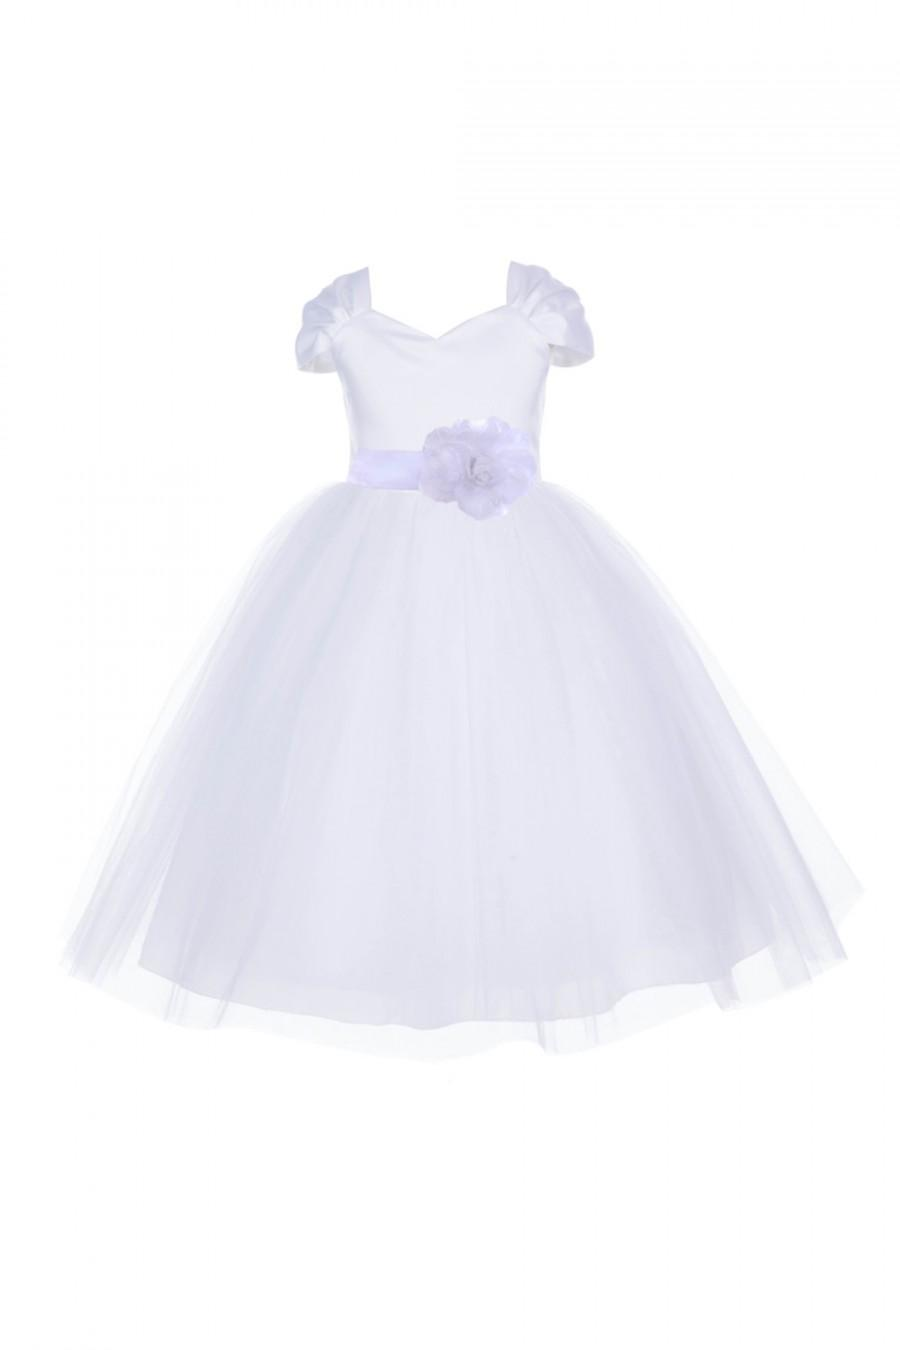 Short Sleeves White Flower Girl Dress V Shaped Neckline Pageant